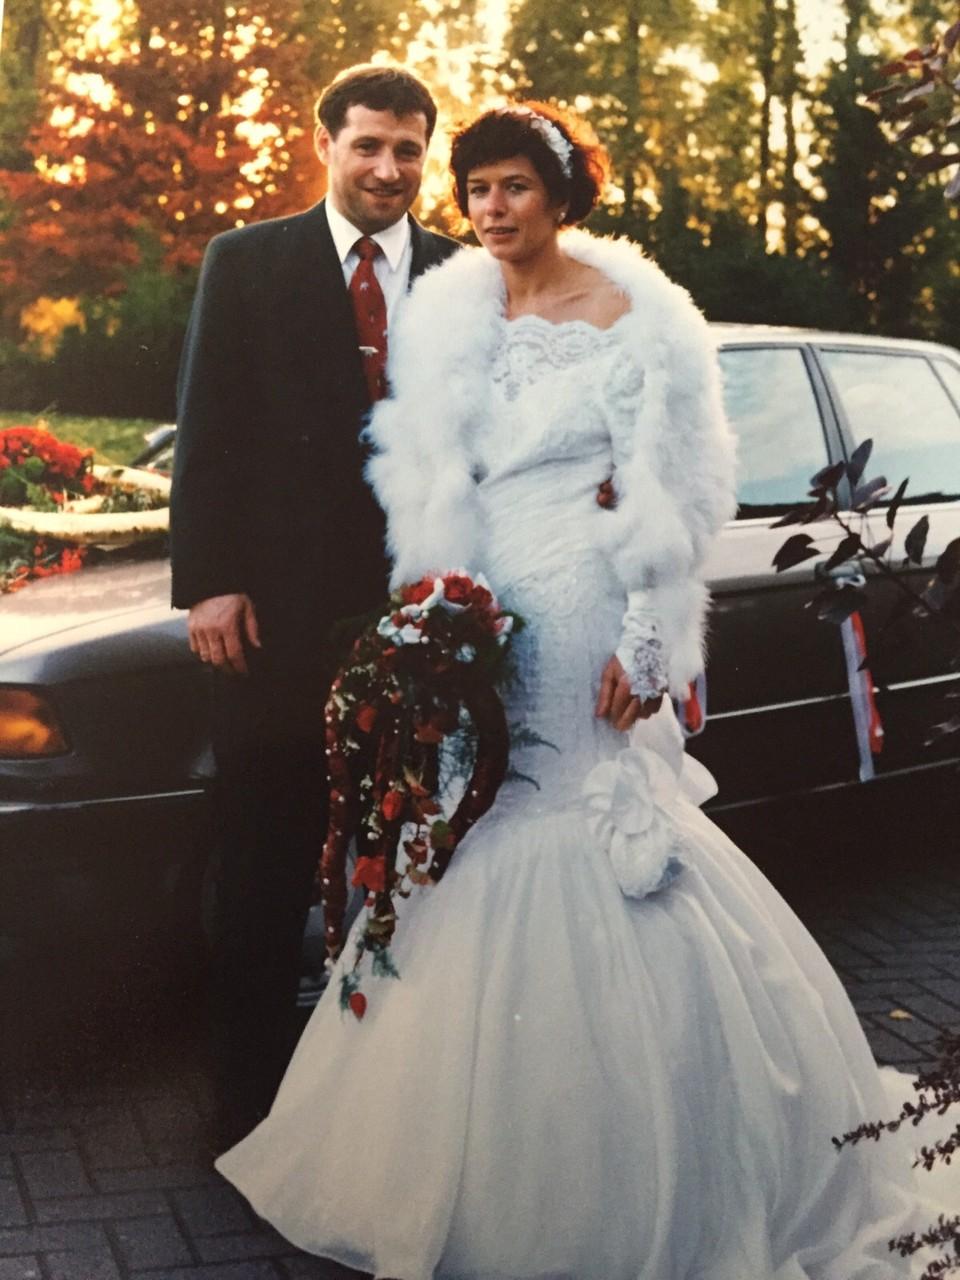 Hochzeit von Rainer und Rosemarie Fritz in 1993